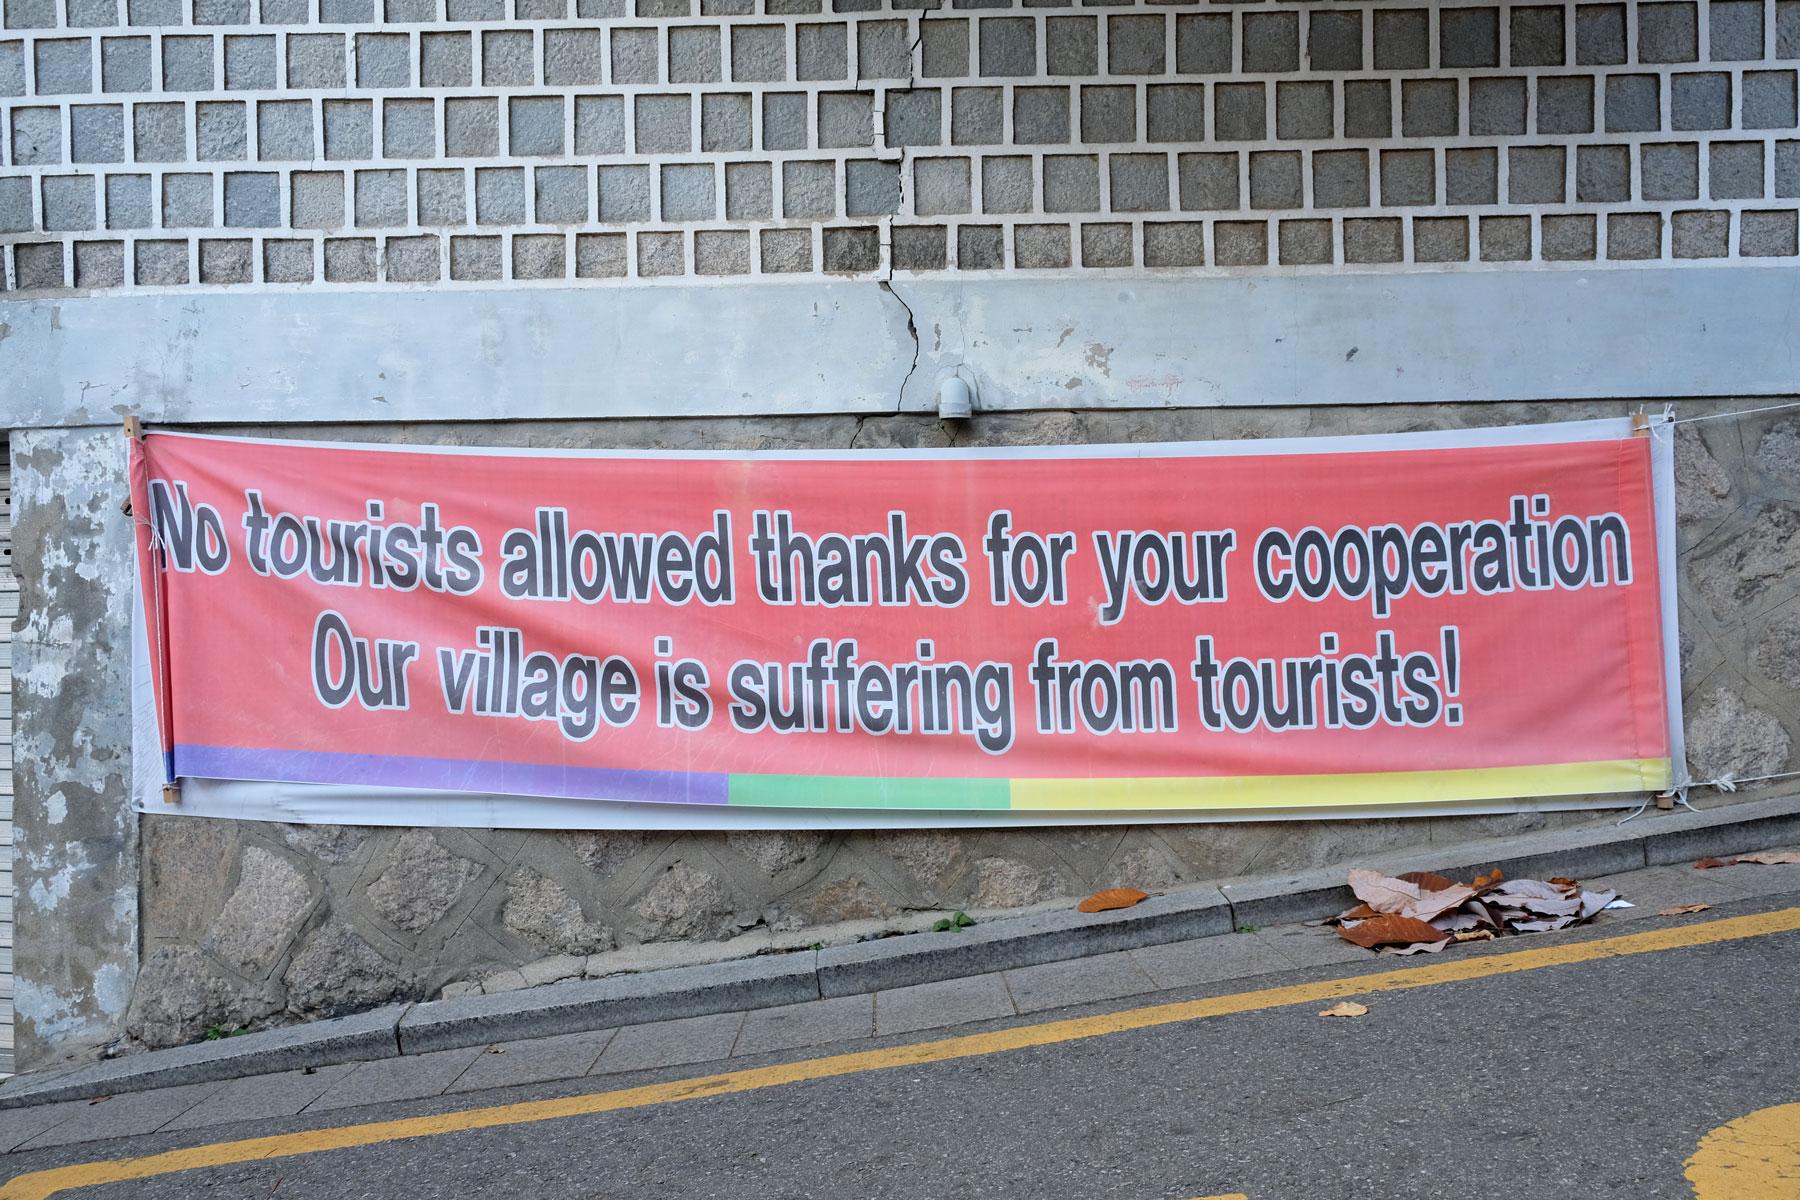 Die Anwohner des Bukchon Hanok Village haben ein Schild aufgehängt, mit dem sie Touristen bitten, ihr Dorf nicht mehr zu besuchen.